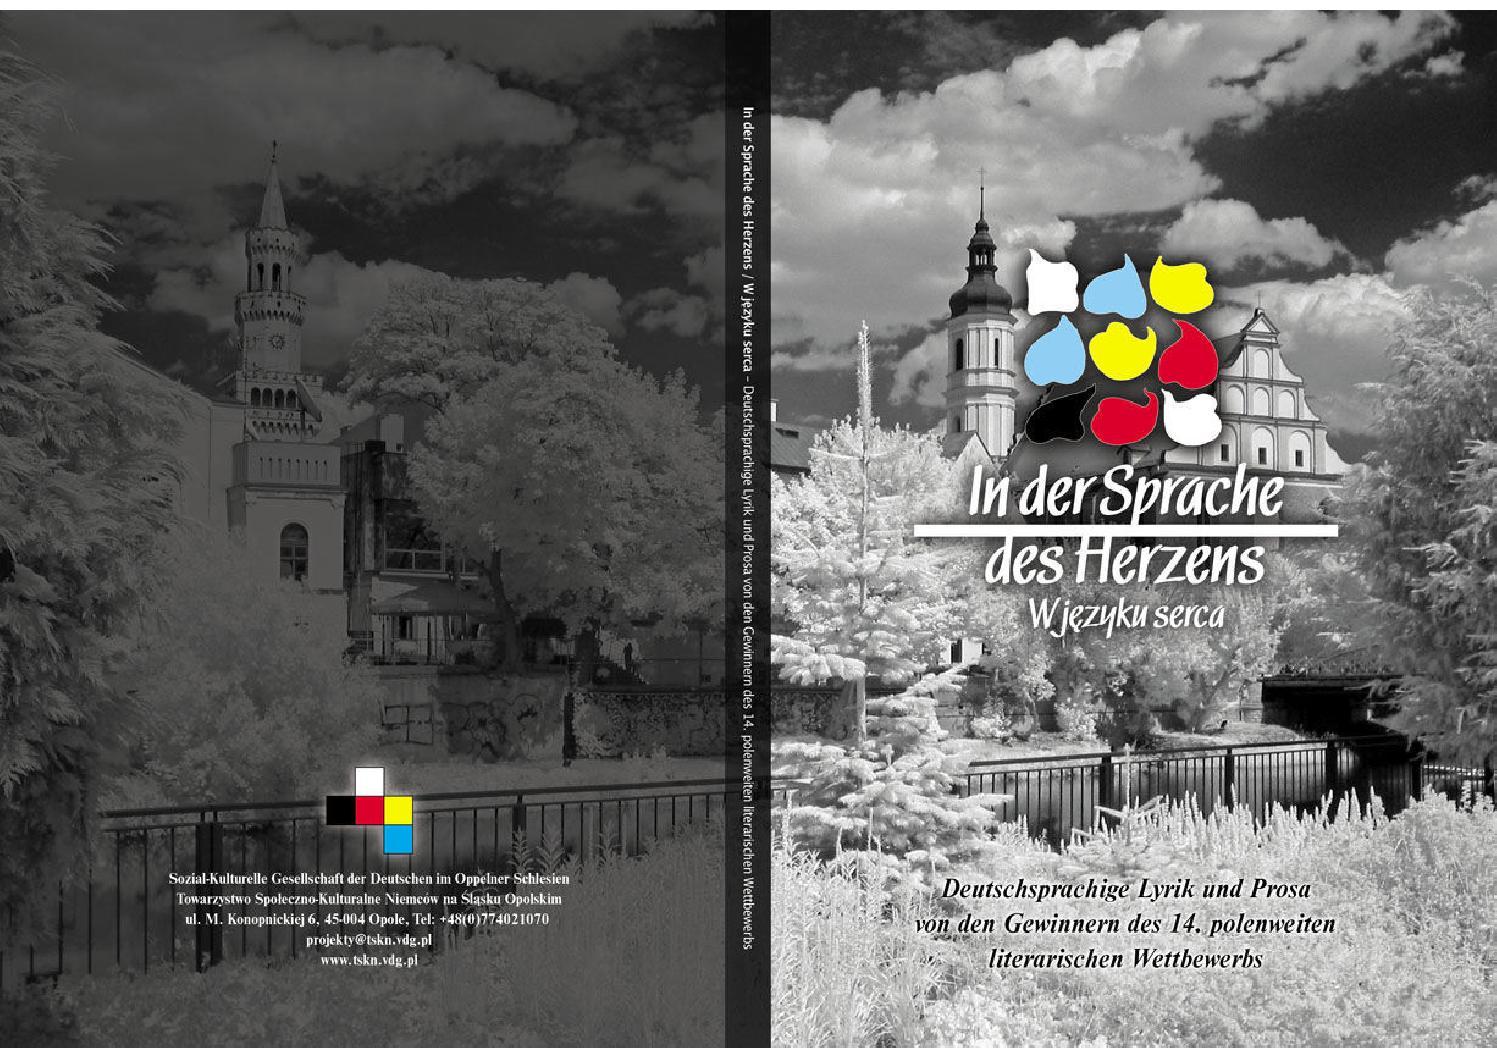 In Der Sprache Des Herzens 2014 By NiemcywPolsce   Issuu